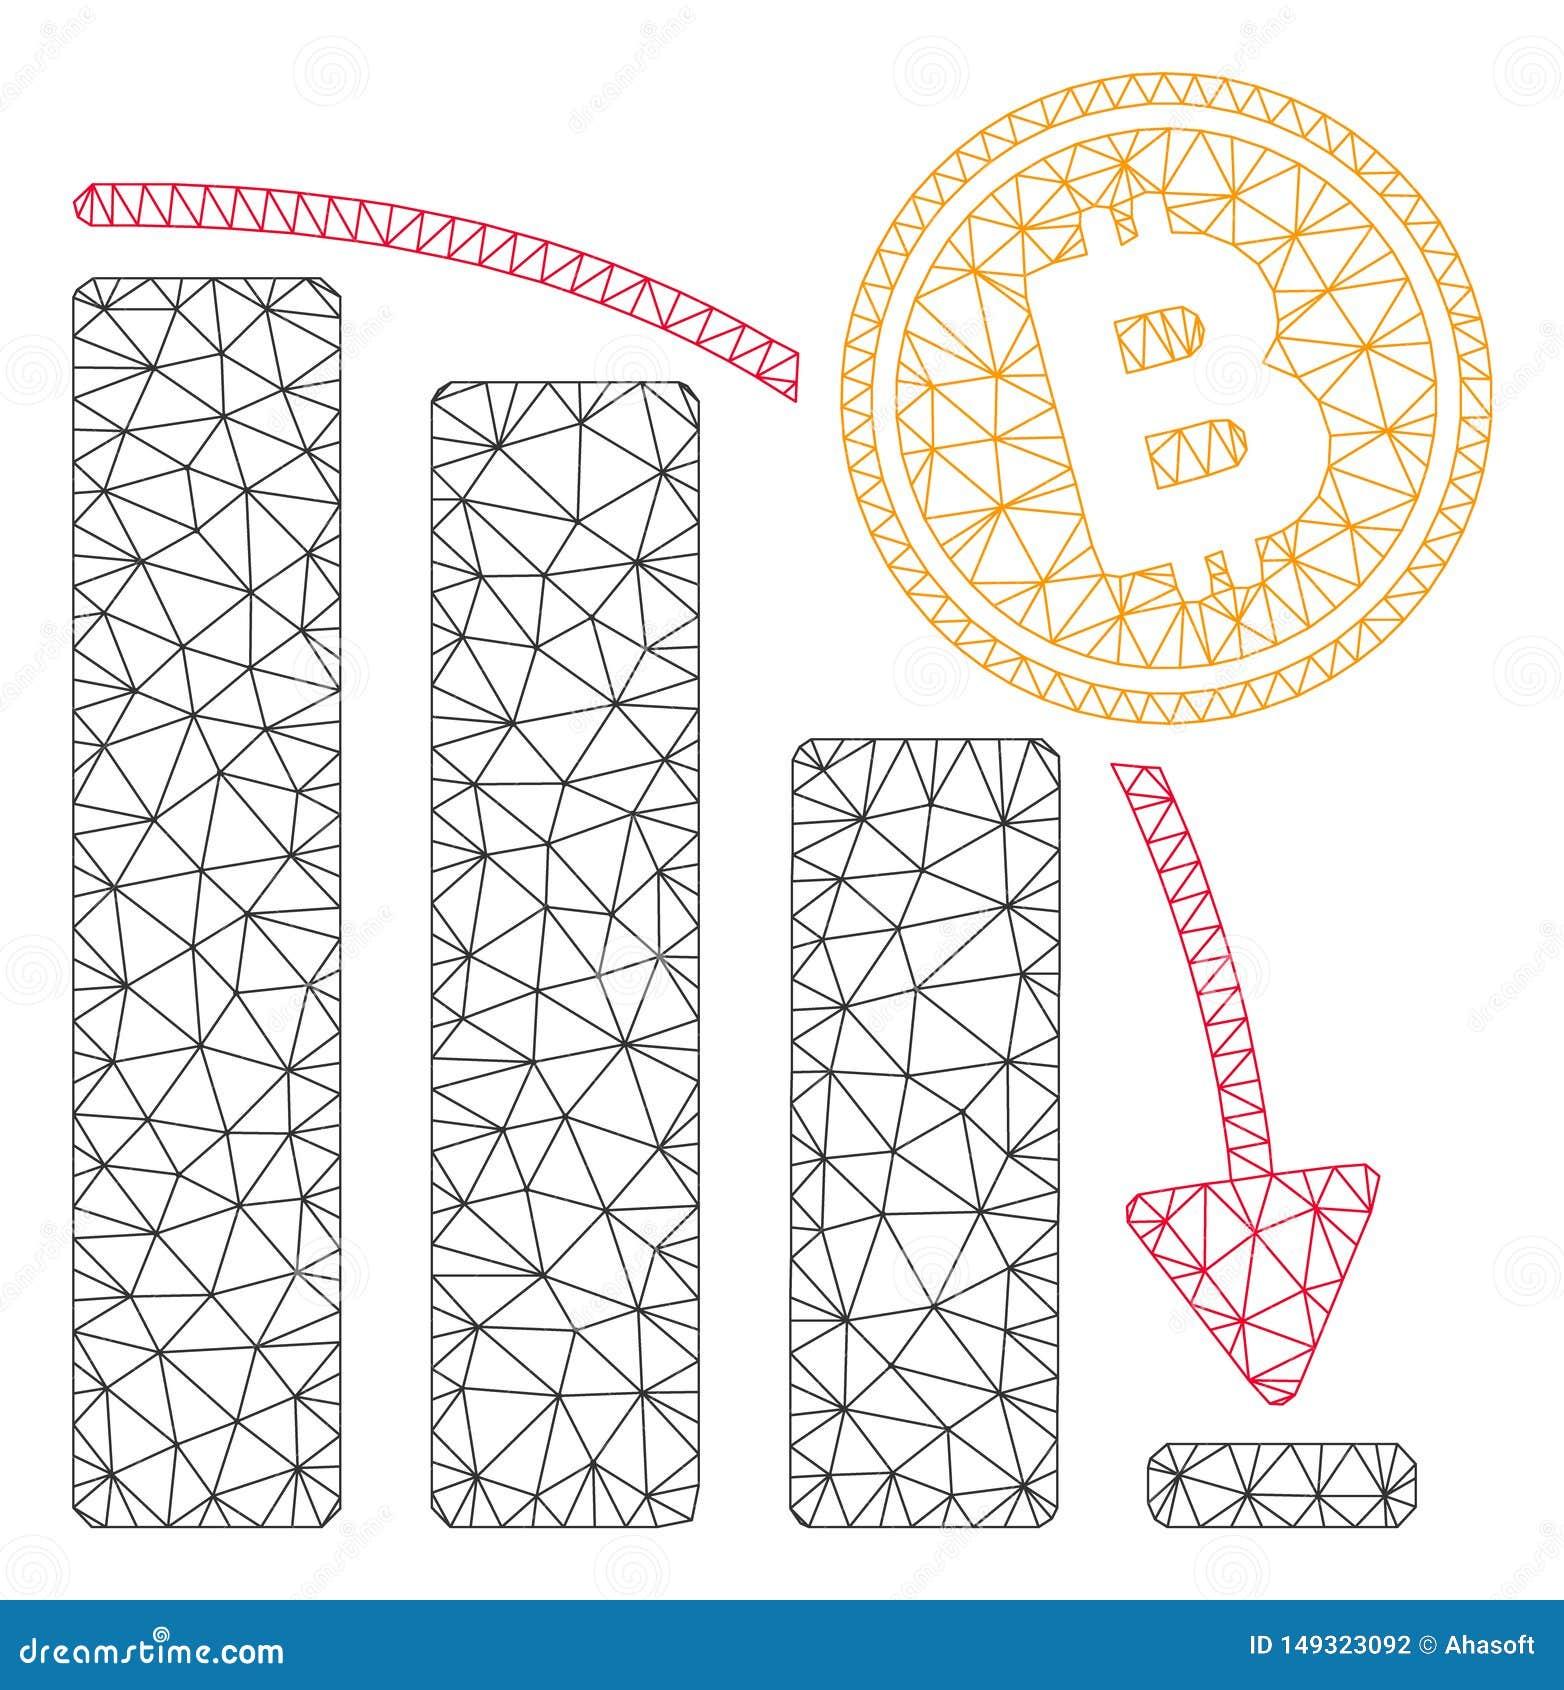 como ganar bitcoin con fallbitcoin cme crypto ateities sandoriai